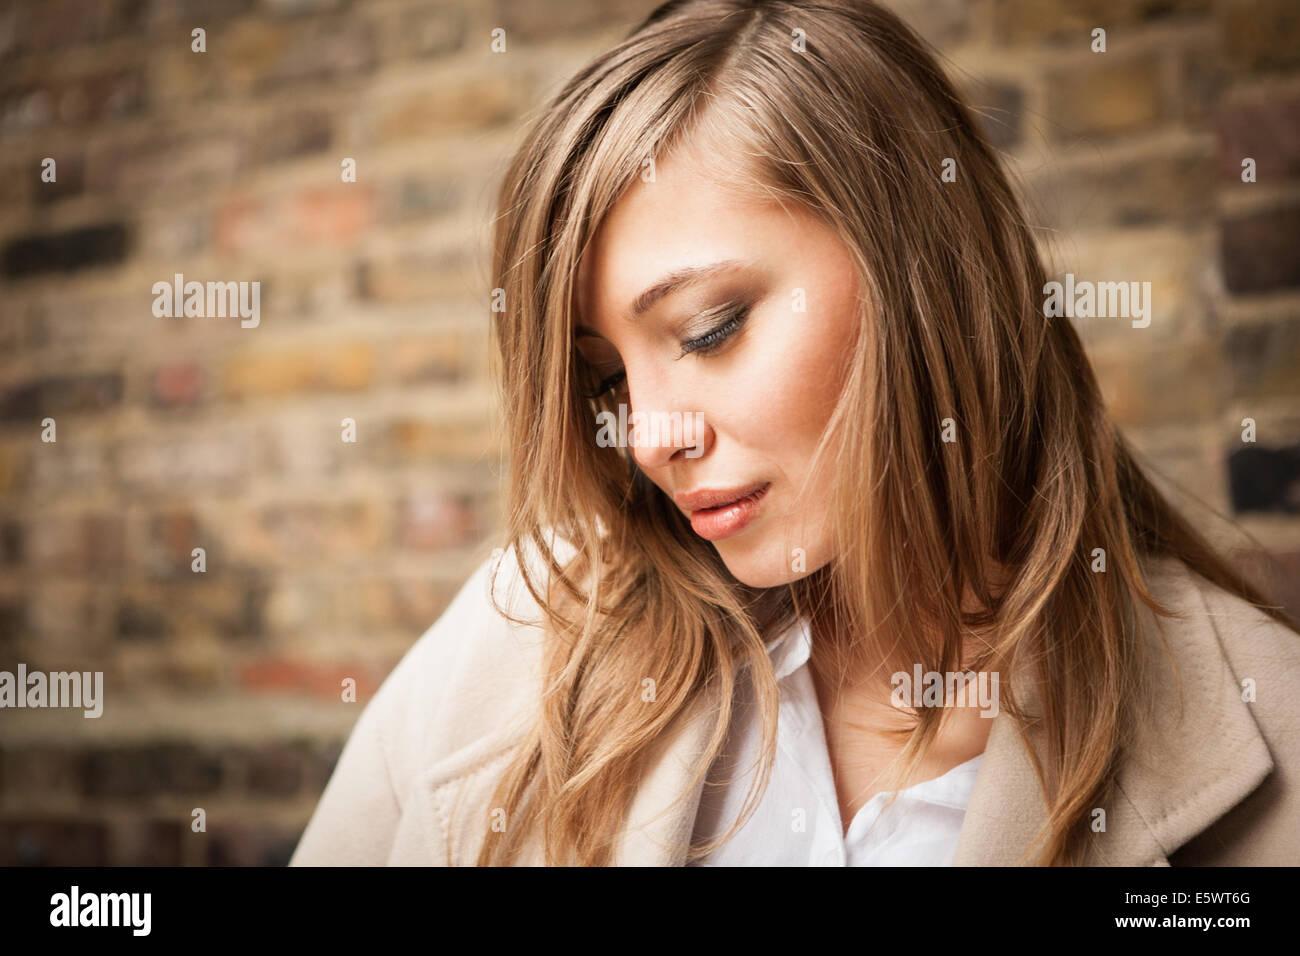 Donna con abbattuto gli occhi, muro di mattoni in background Immagini Stock